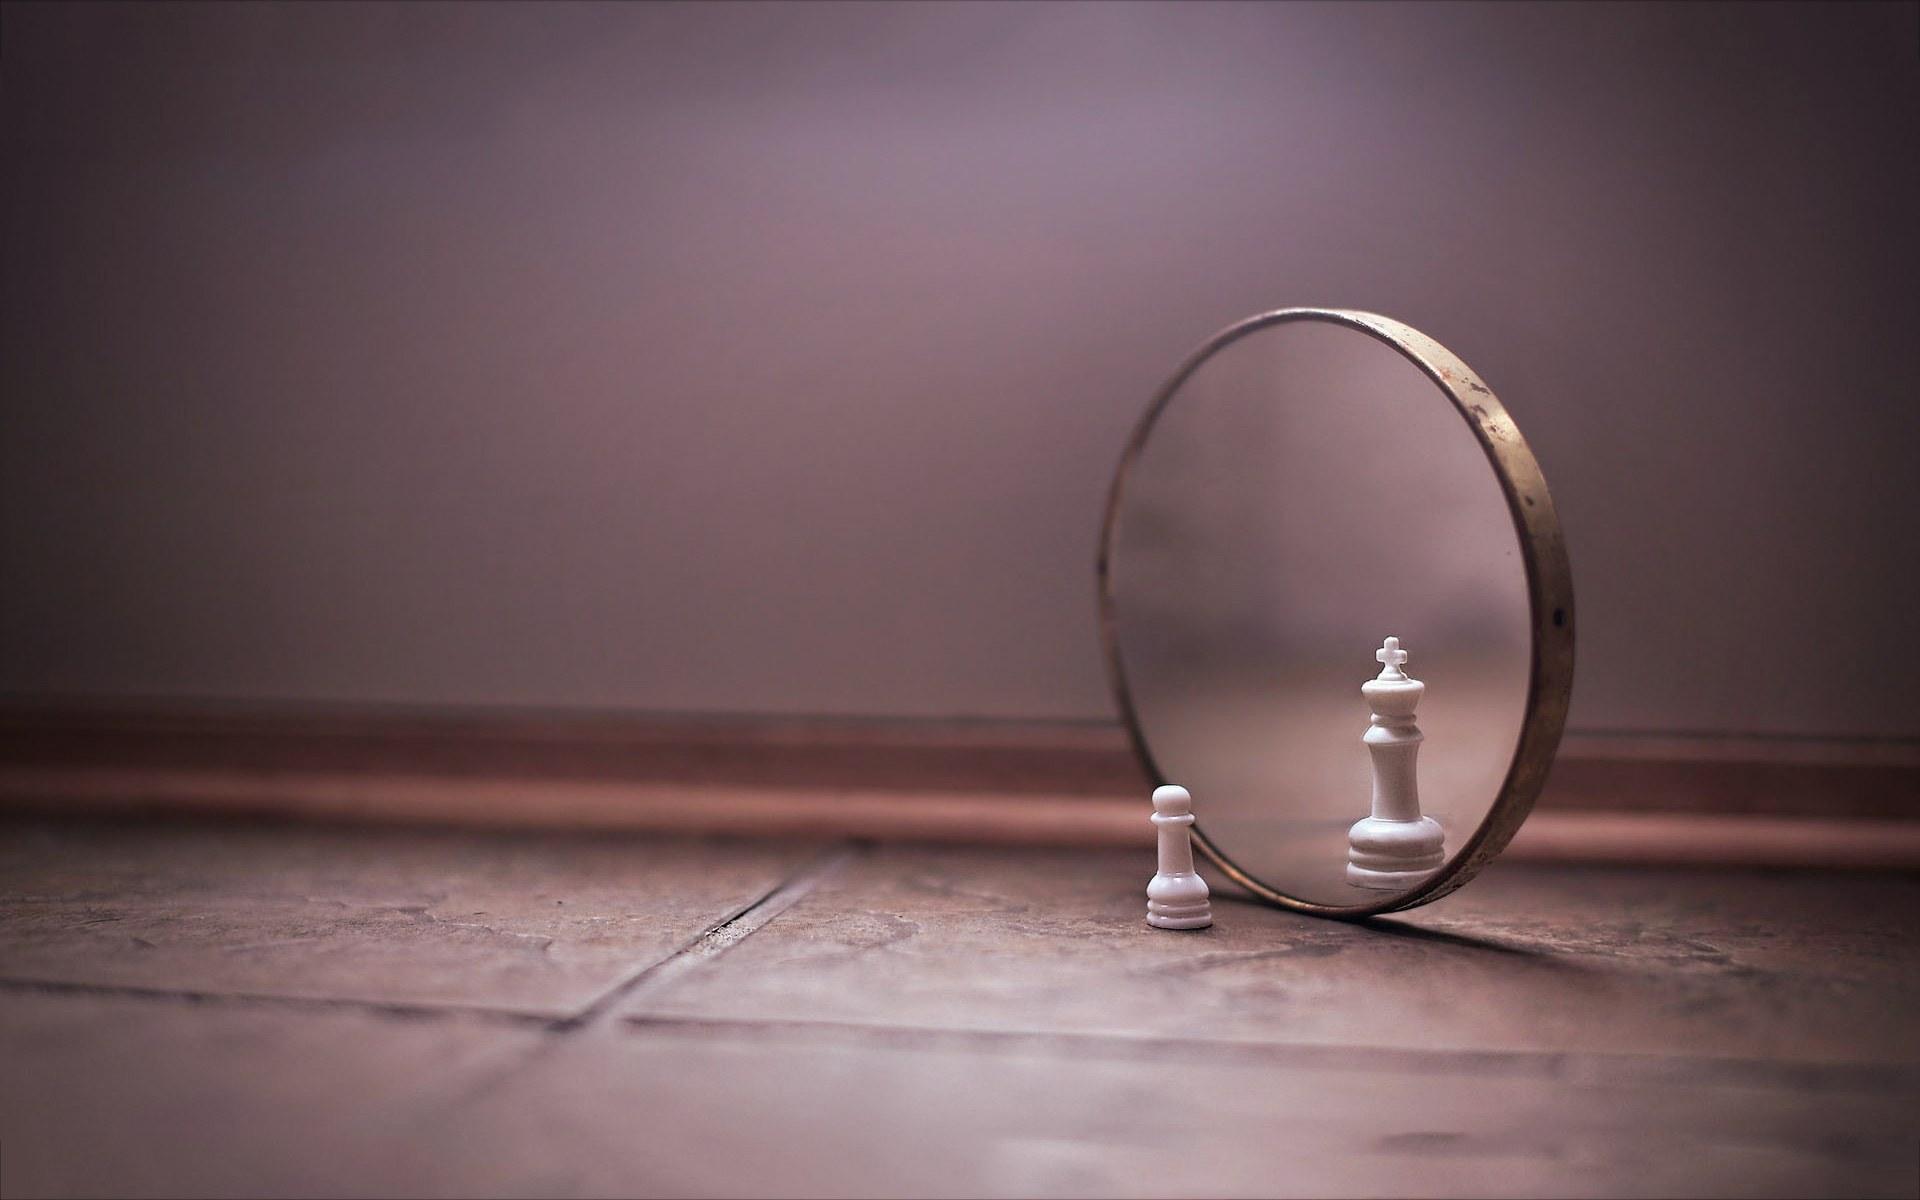 Mental coach milano - Come migliorare la propria autostima - Cosa fare per credere di più in se stessi